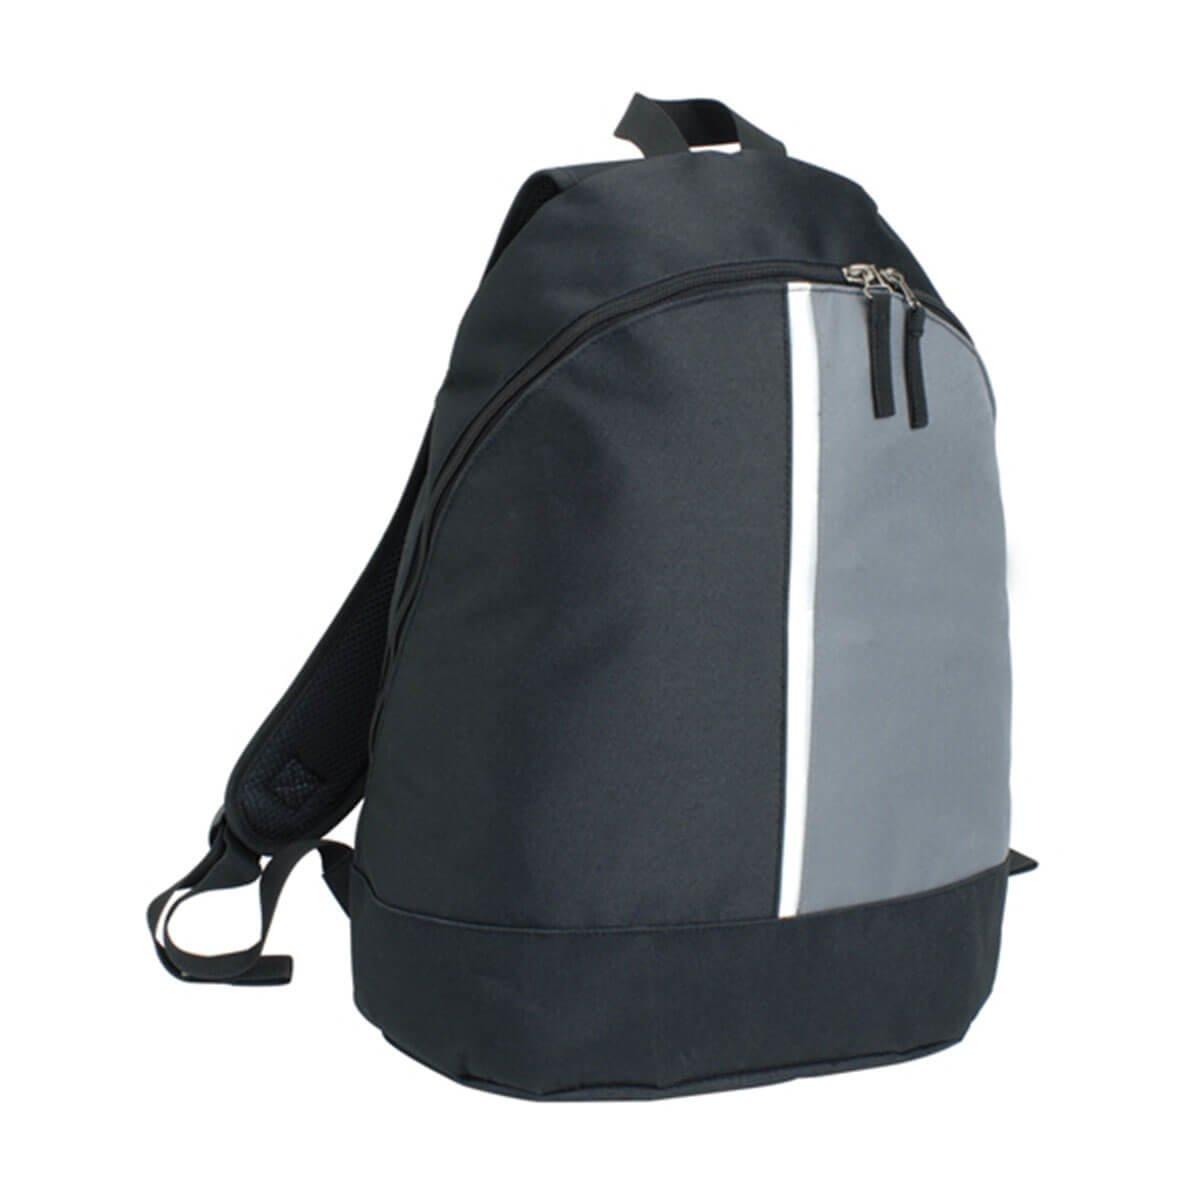 2-Panel Backpack-Black / Grey